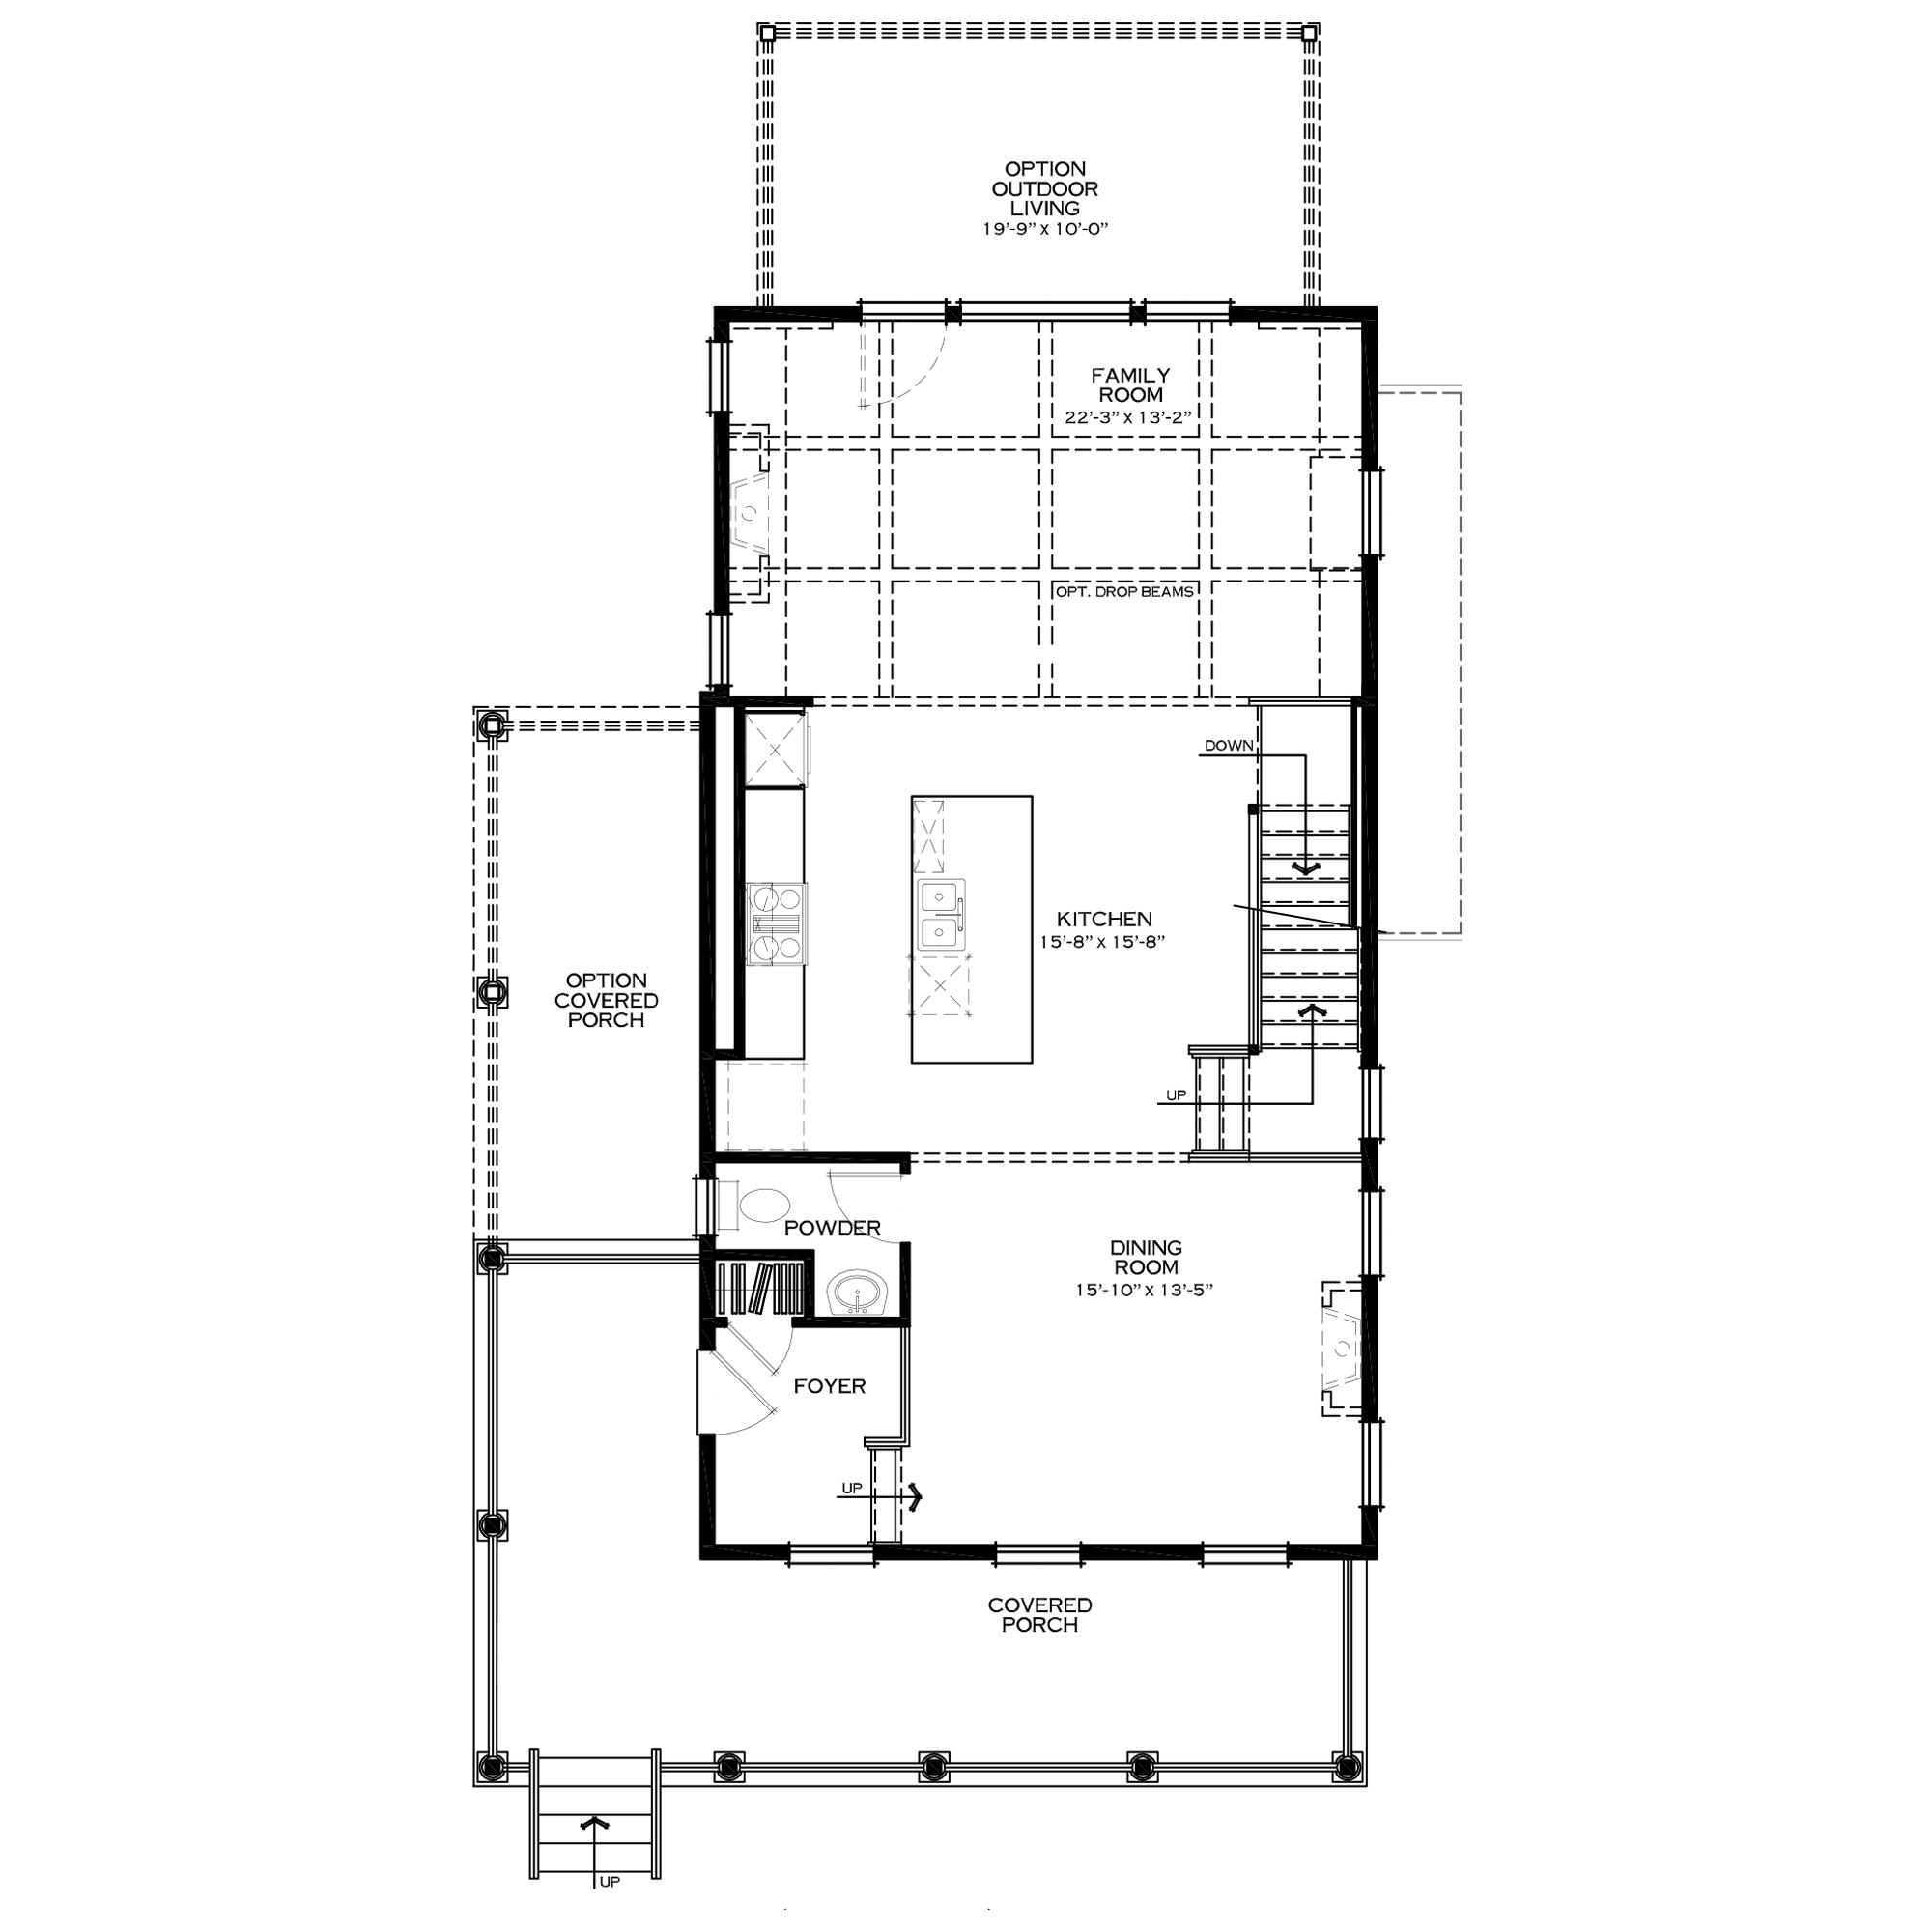 Standard Second/Main Floor